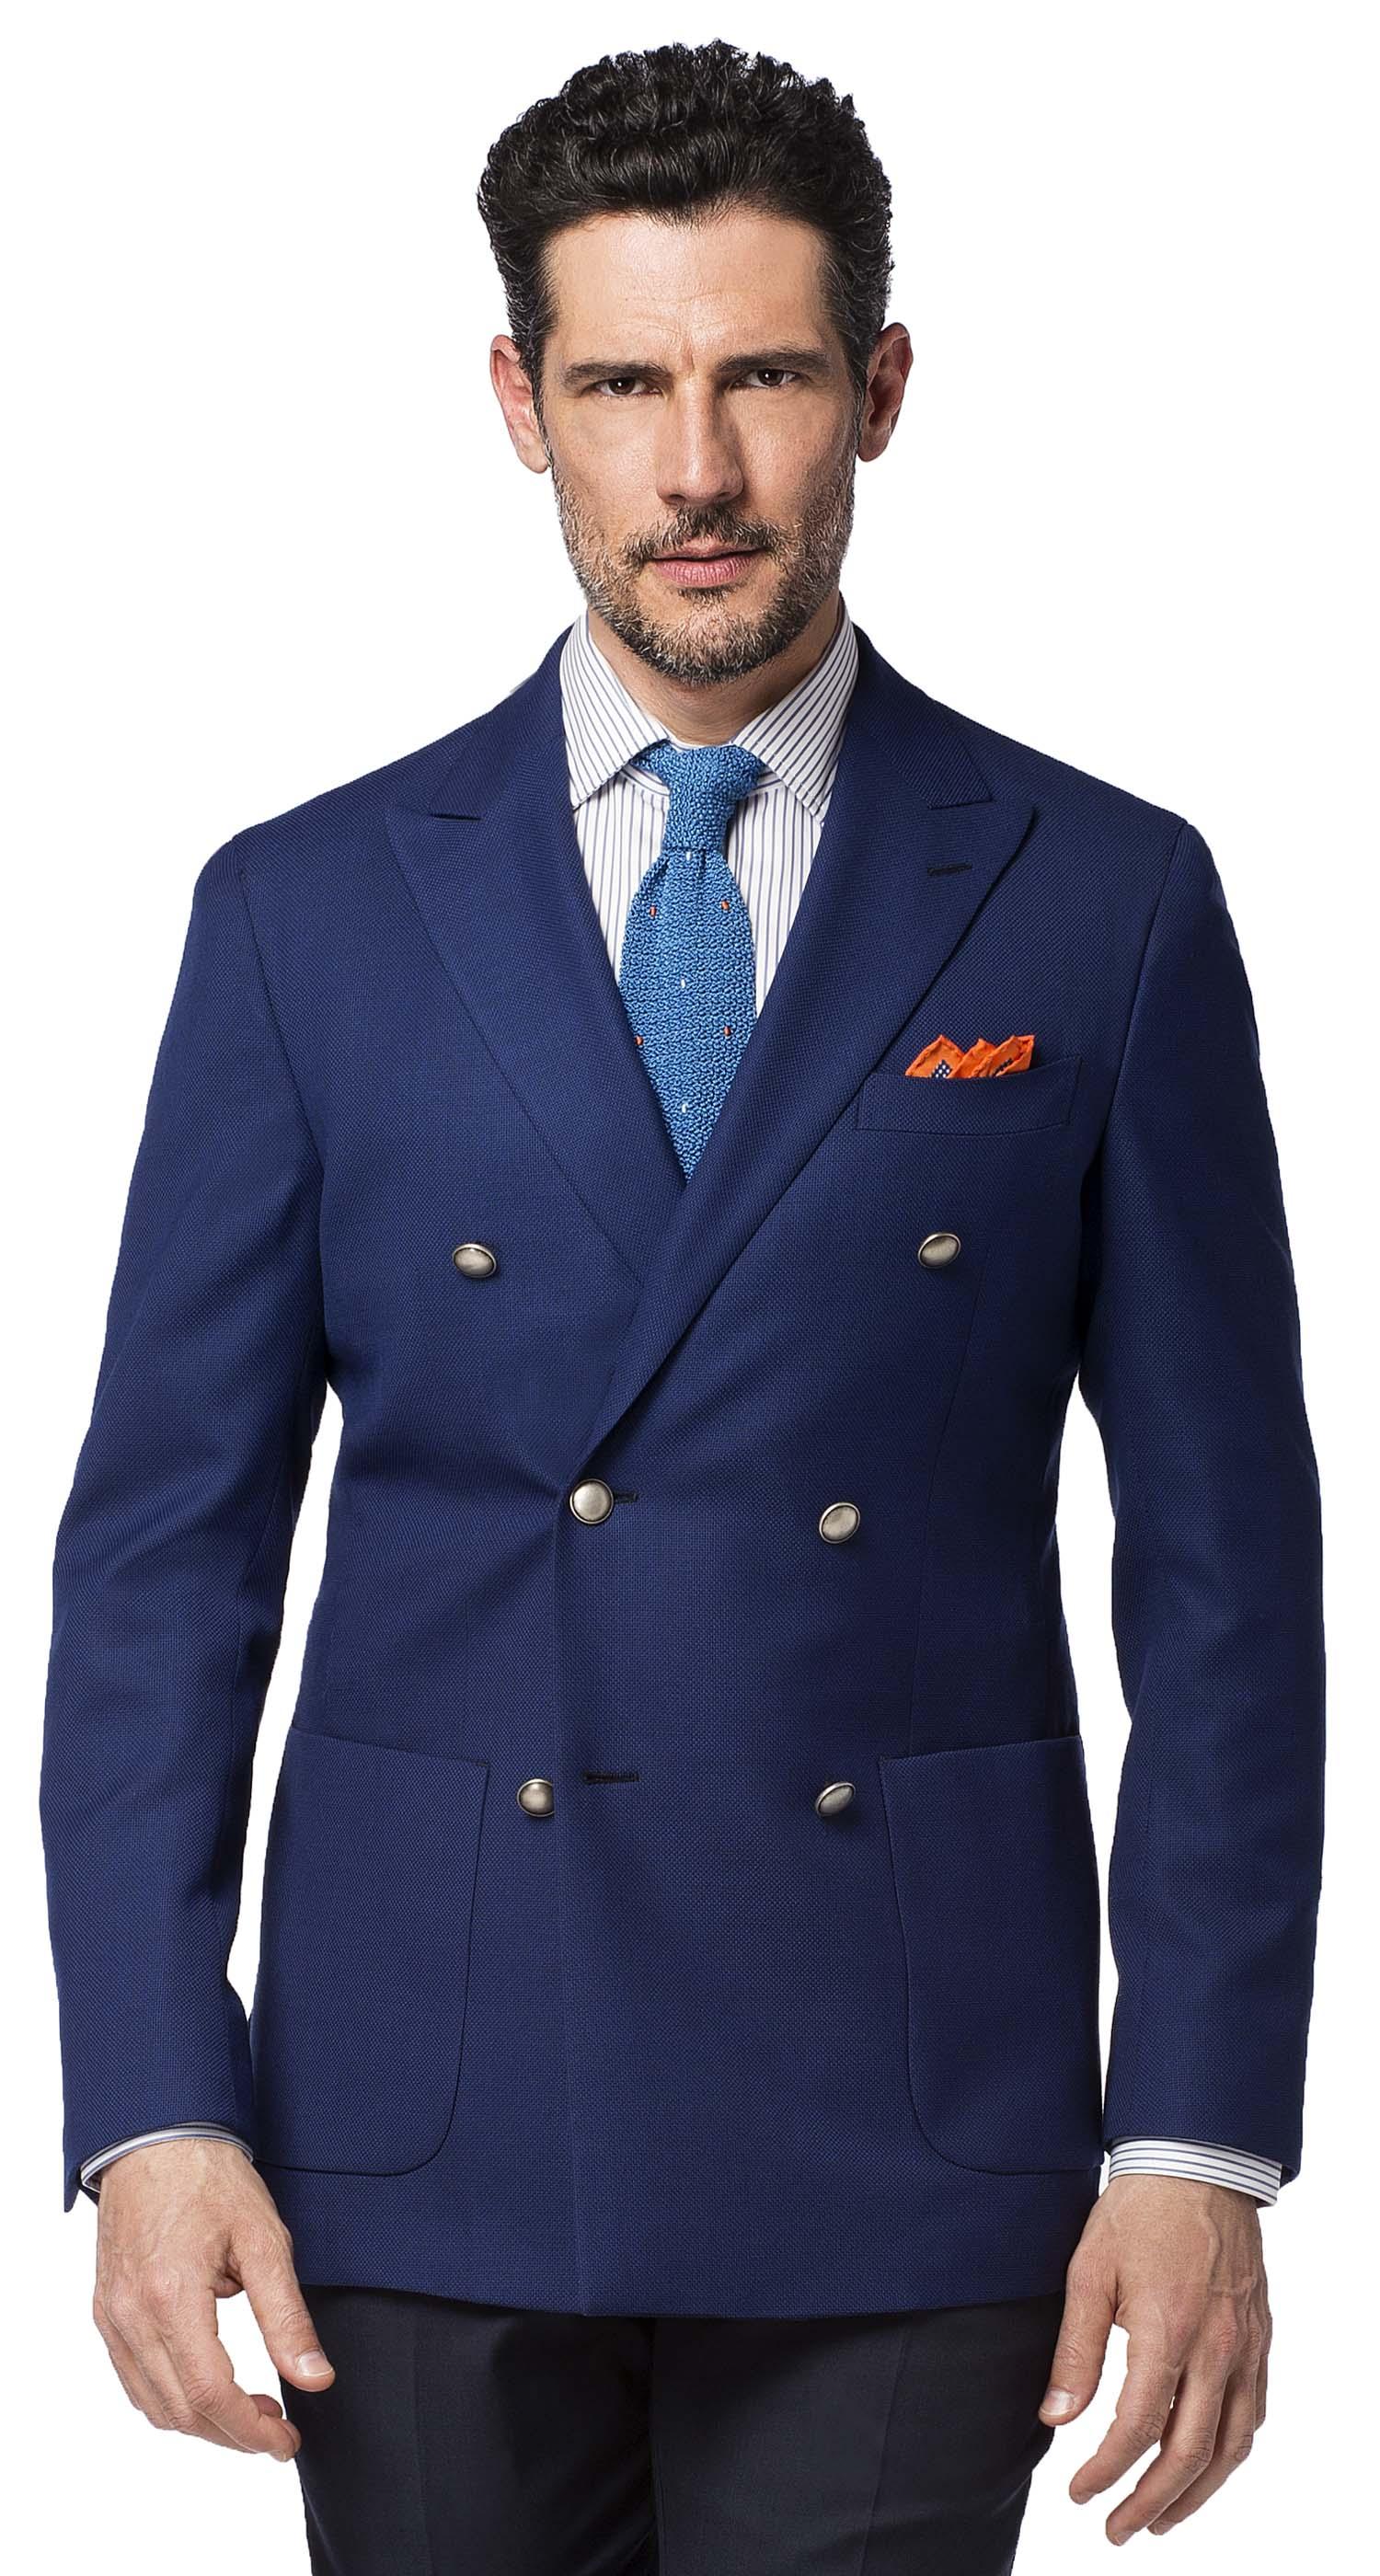 Costume dépareillée classique   veste croisée bleue et pantalon gris foncé 5f48470d63a